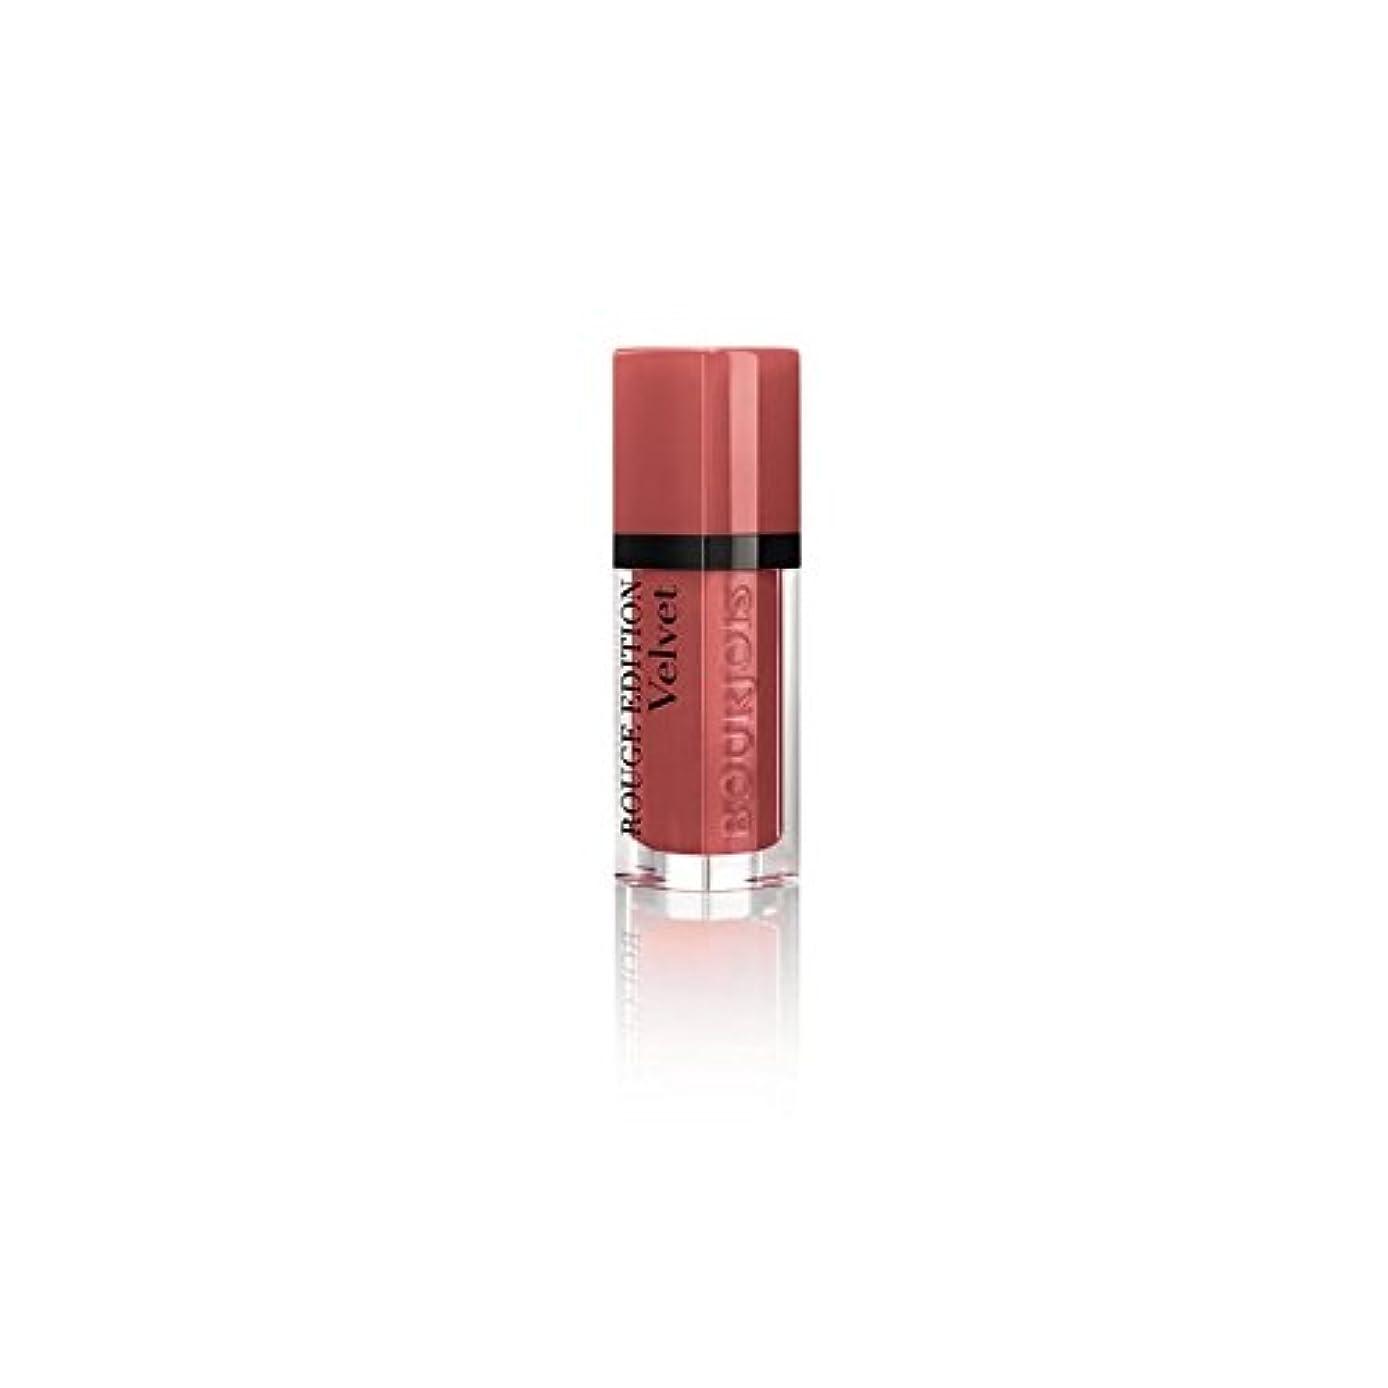 飢え具体的に兵士Bourjois Rouge Edition Velvet Lipstick Beau Brun T12 - ブルジョワルージュ版ベルベットの口紅ボウ?ブラン 12 [並行輸入品]